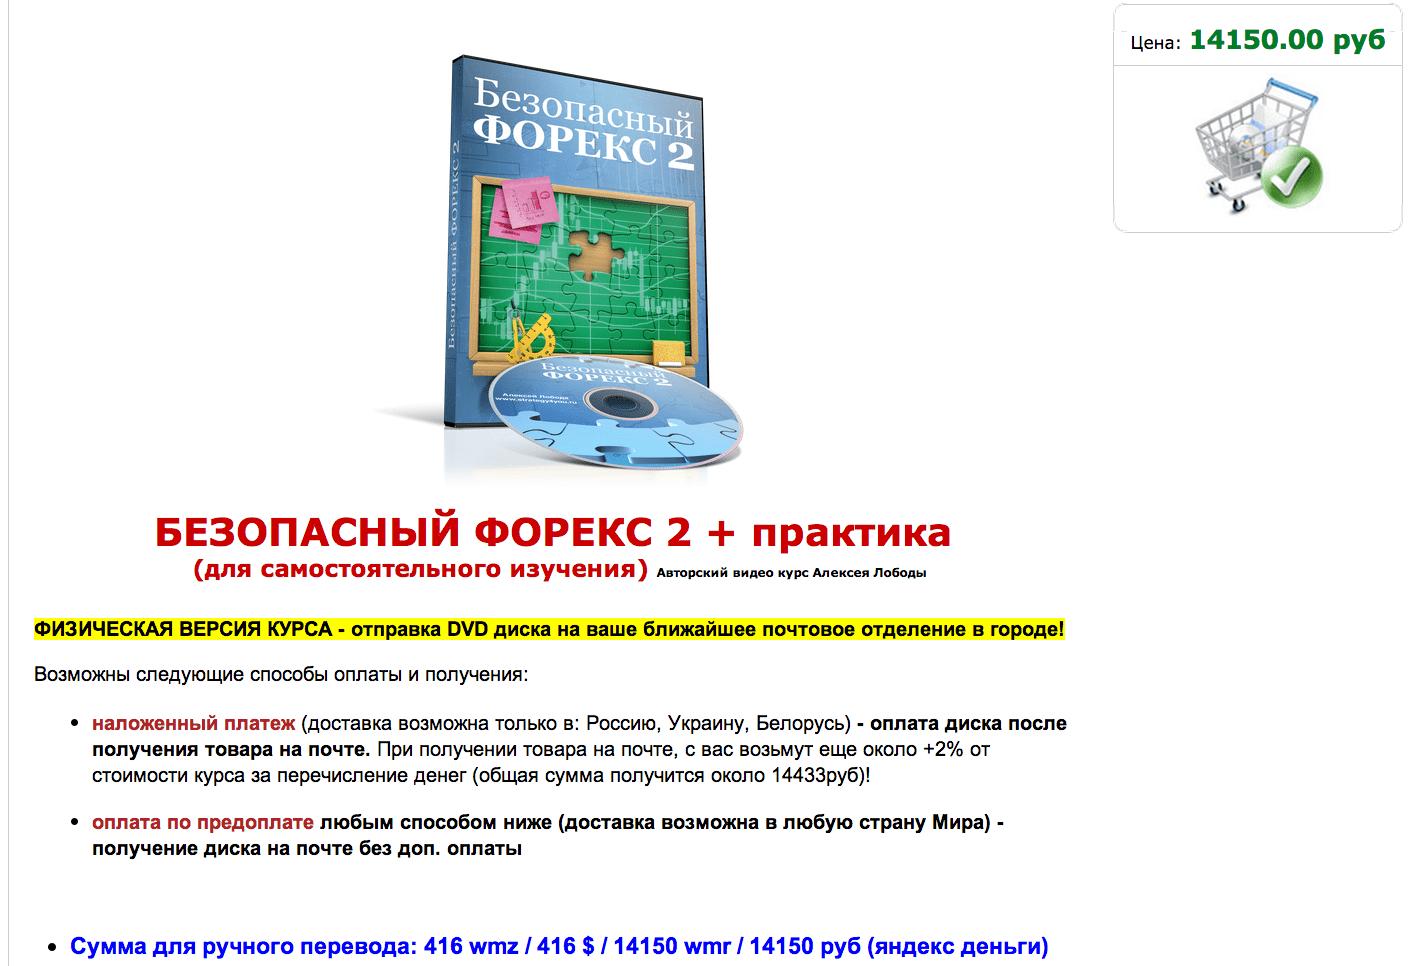 Dvd сергей лобода forex css рынок форекс